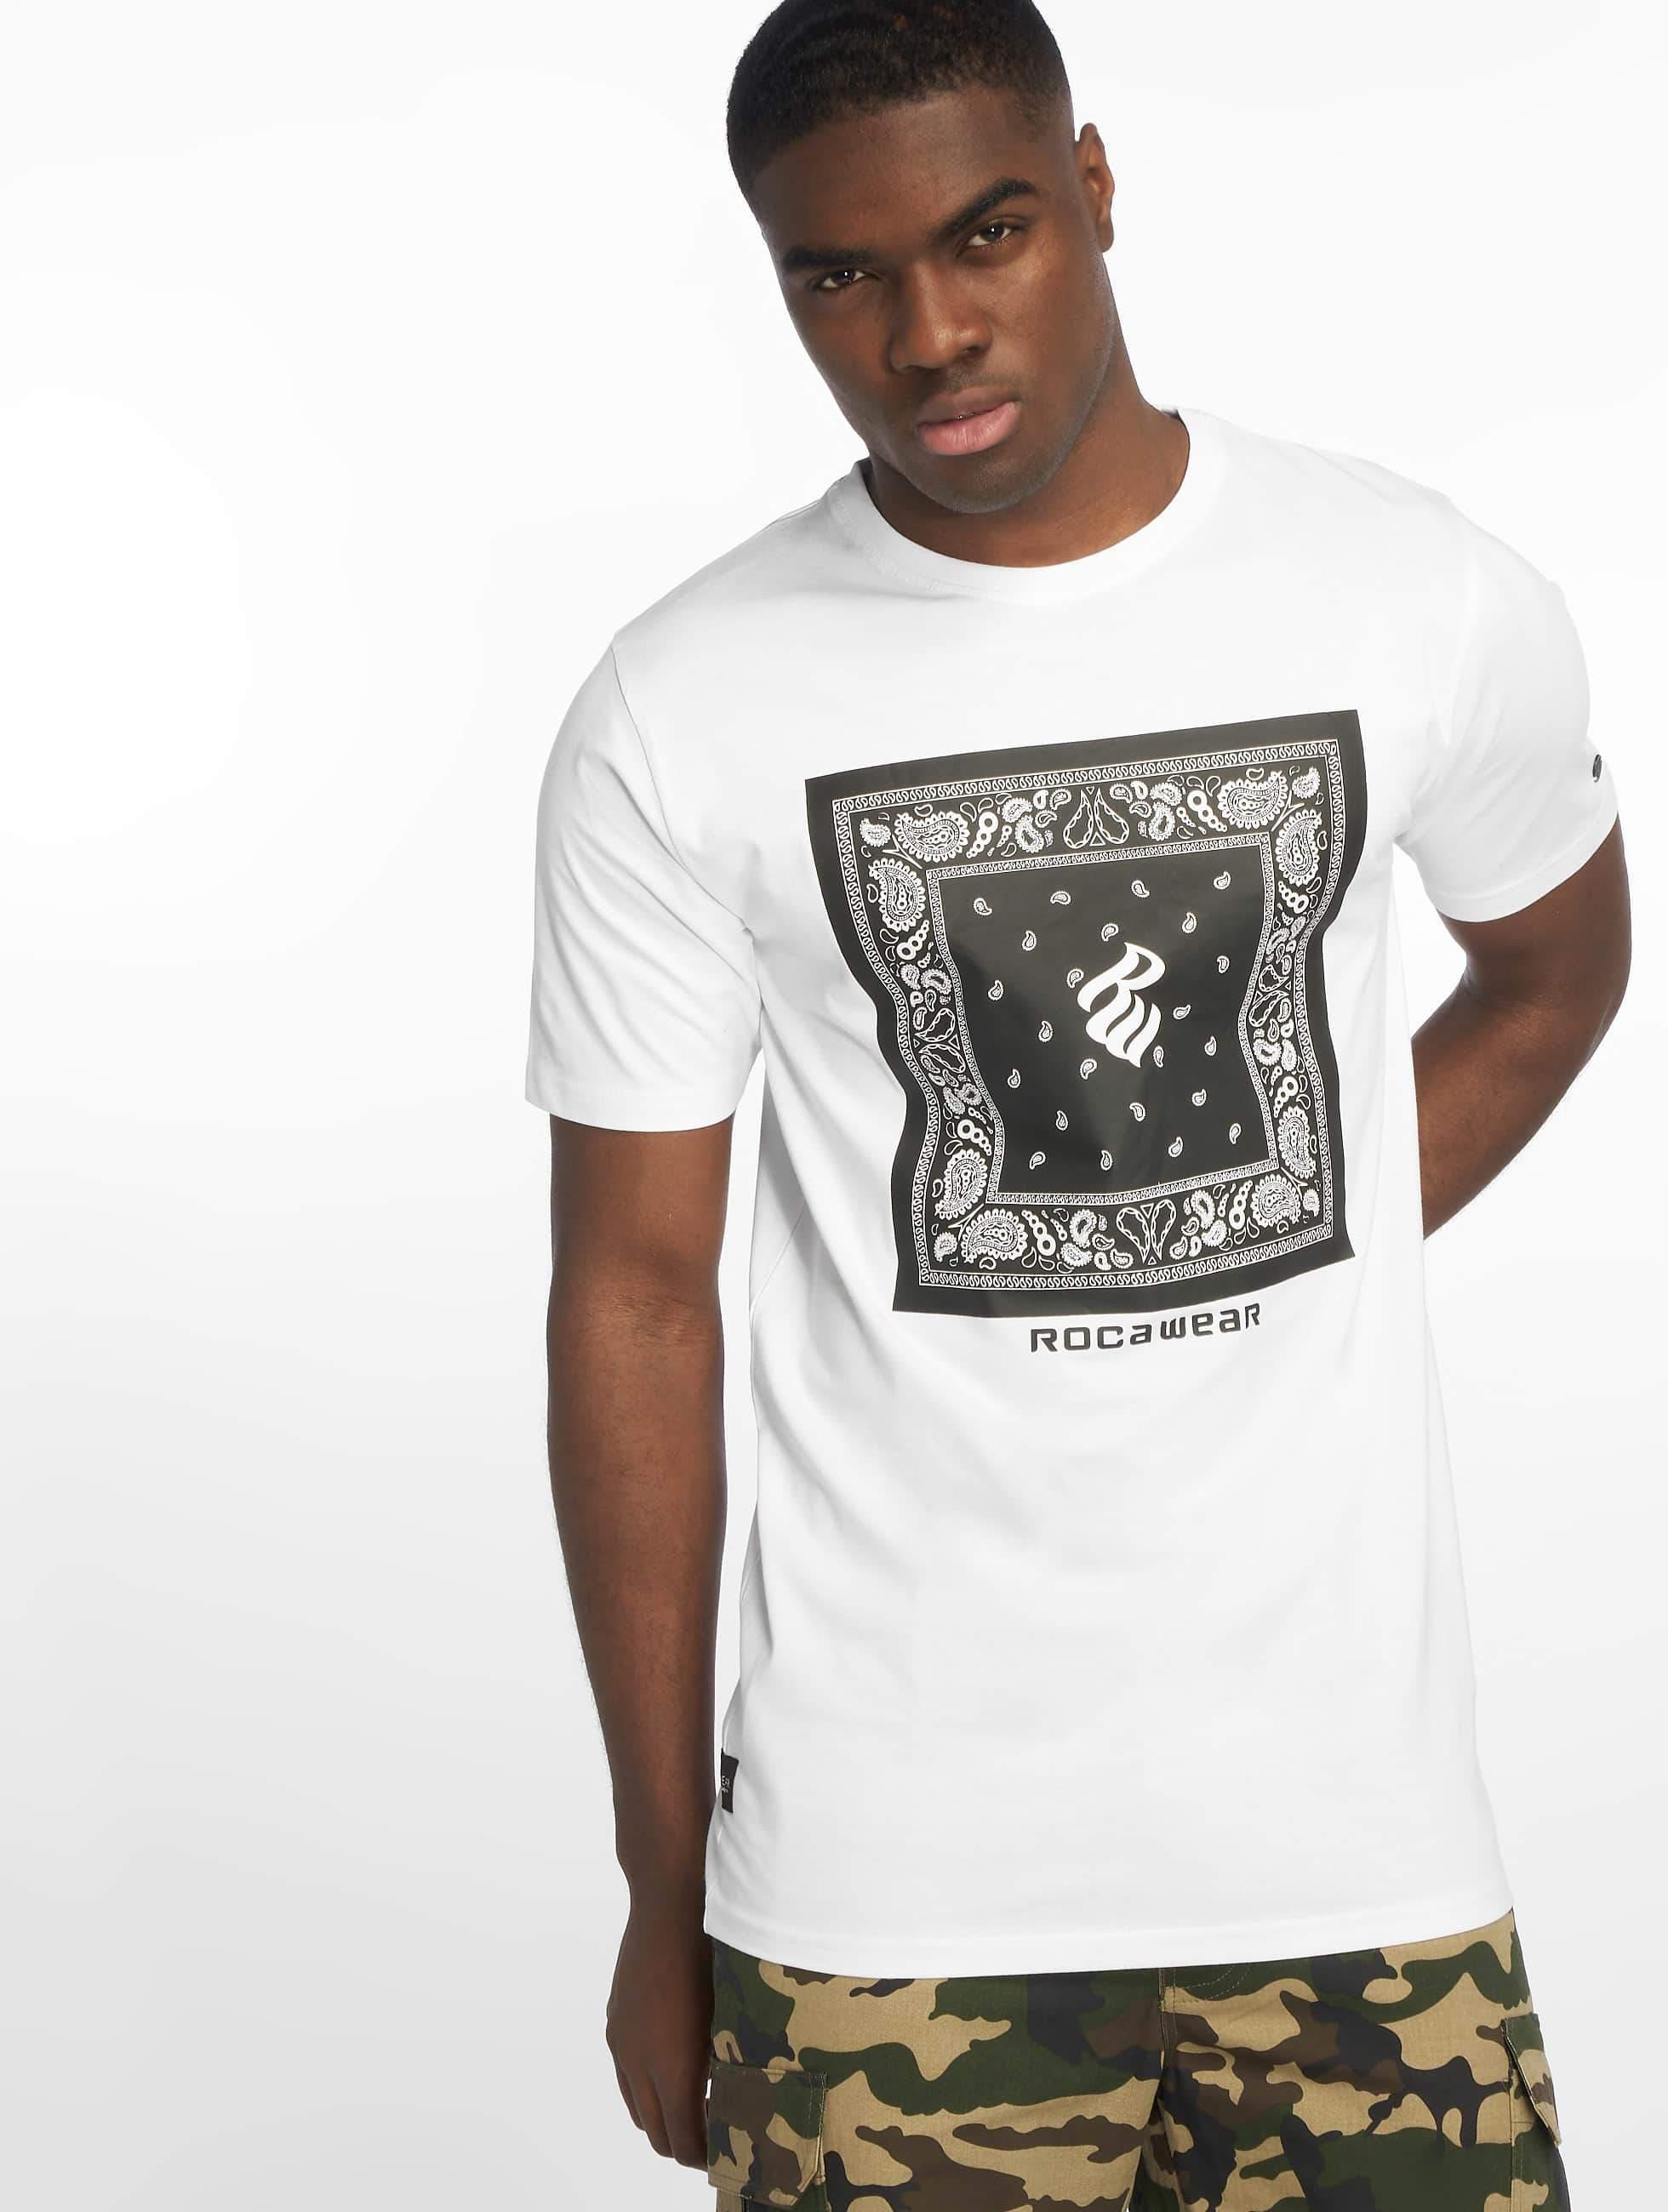 Rocawear / T-Shirt Bandana in white XL